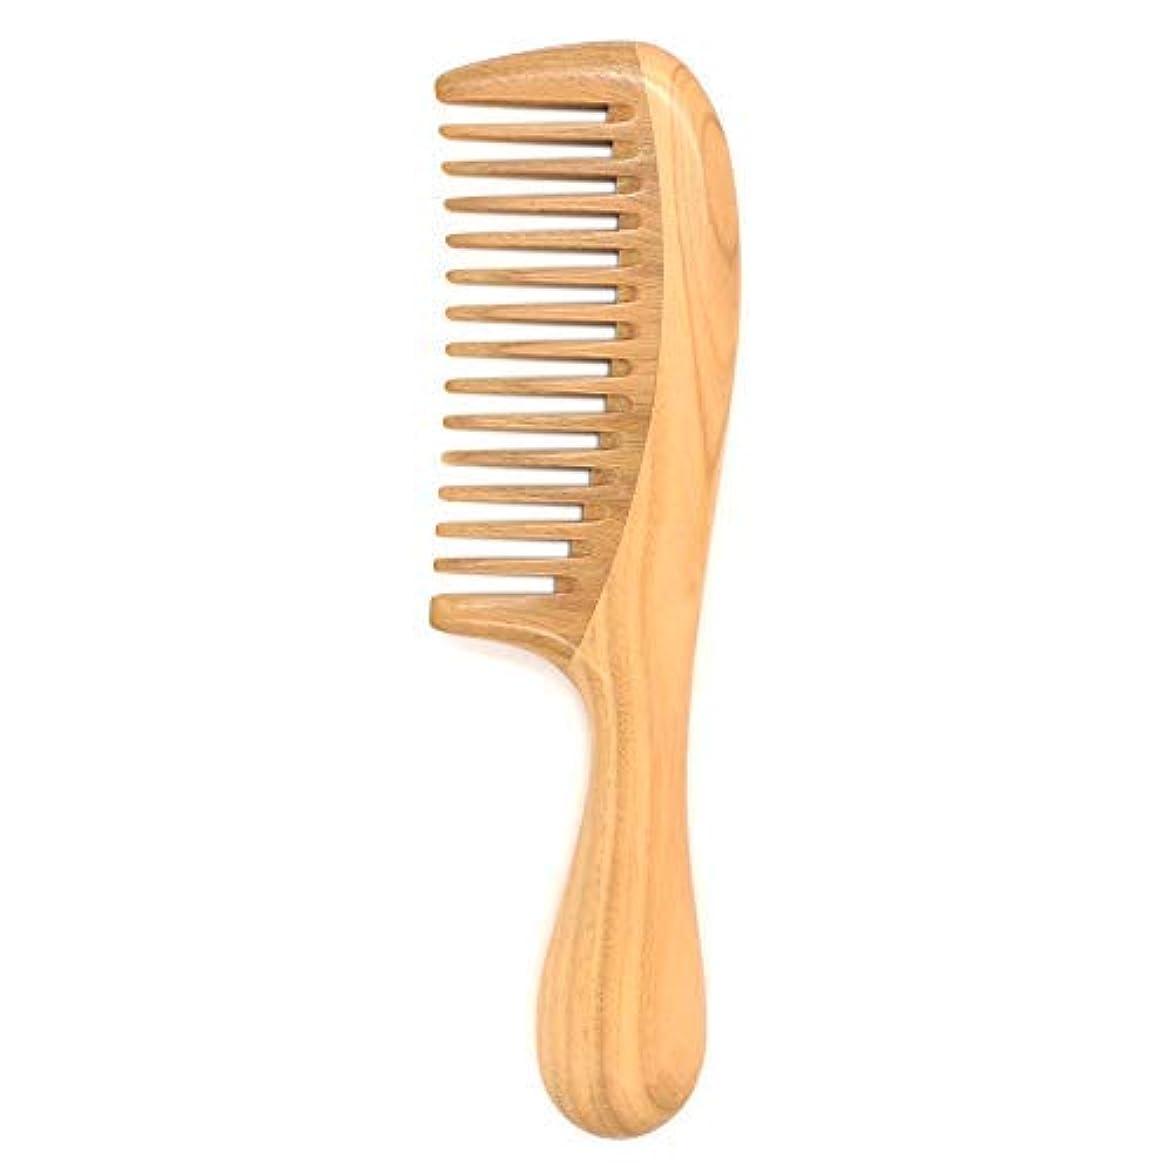 歴史的マーケティング近々Tinfun Natural Green Sandalwood Hair Comb Wooden Comb (Wide Tooth) for Curly Hair Detangling - No Static, Prevent...